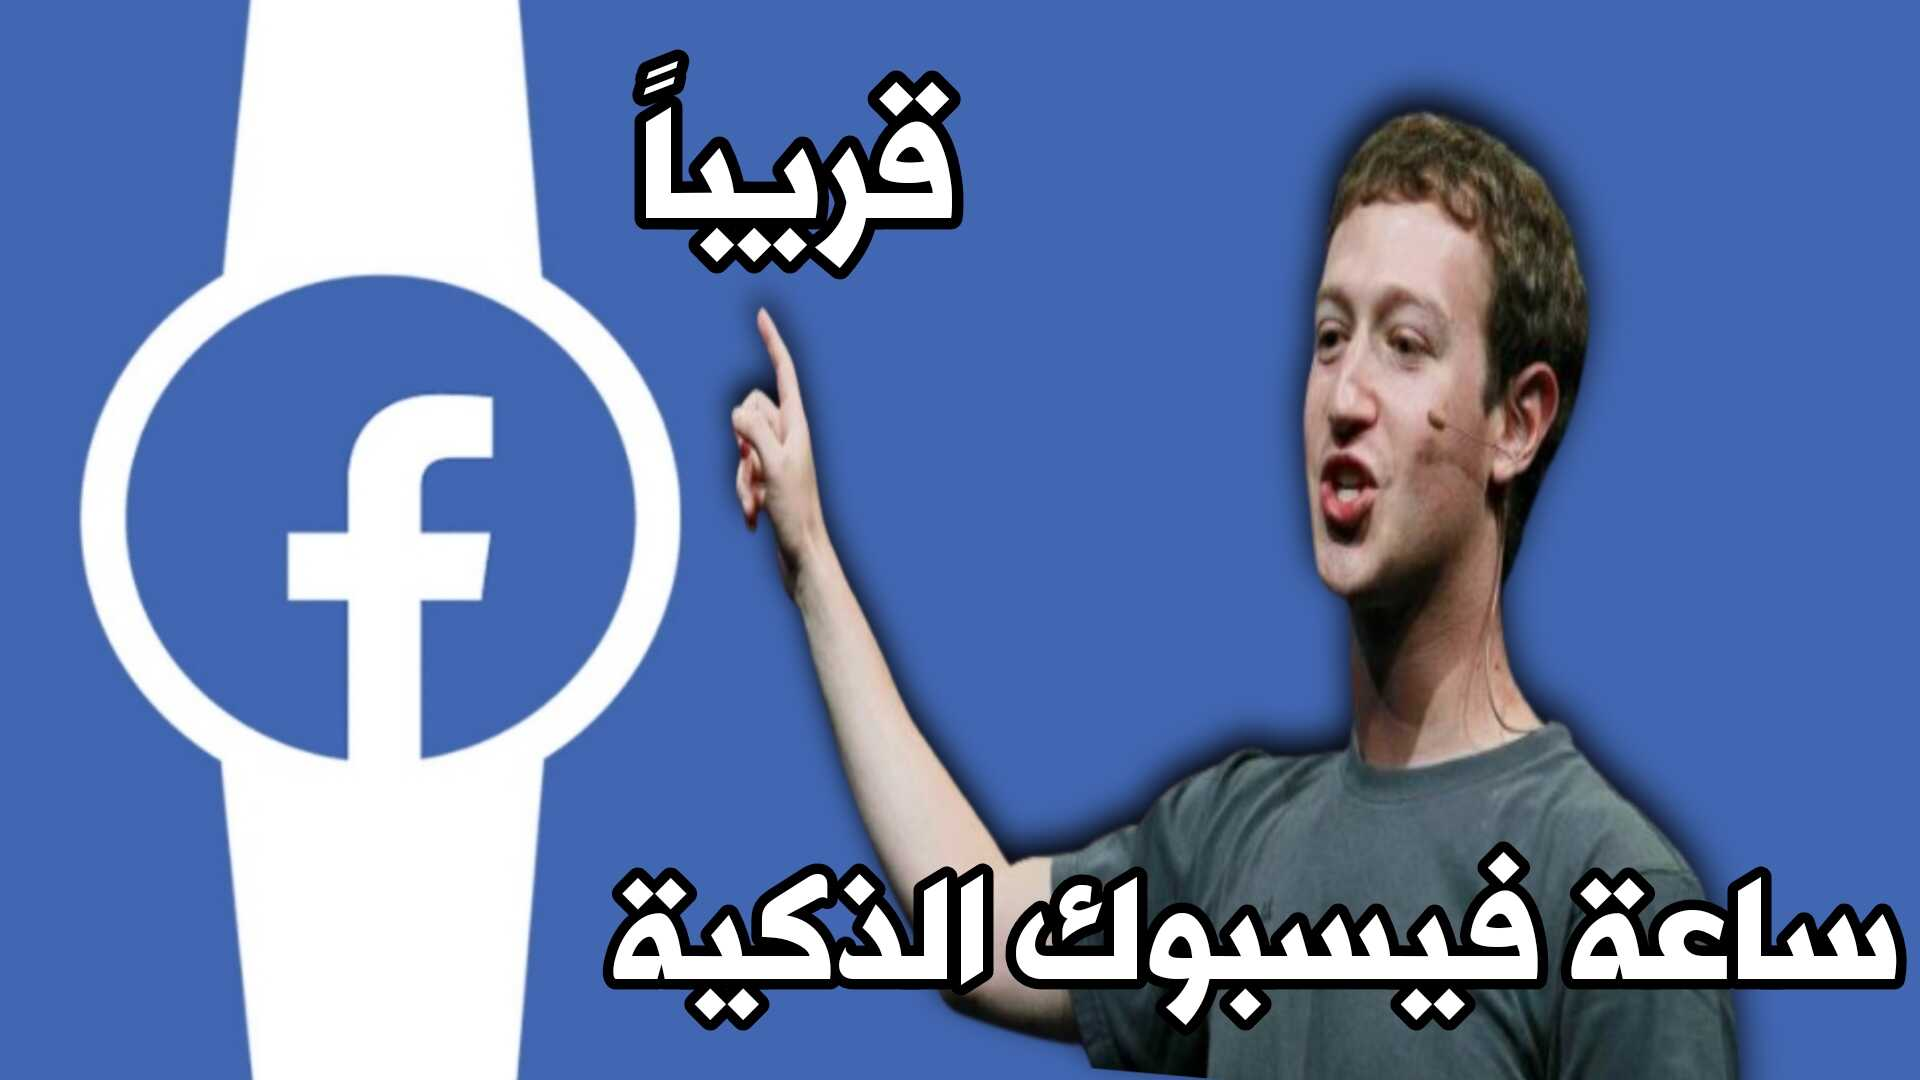 ساعة ذكية من تطوير فيسبوك تعمل بنظام اندرويد ومتطورة